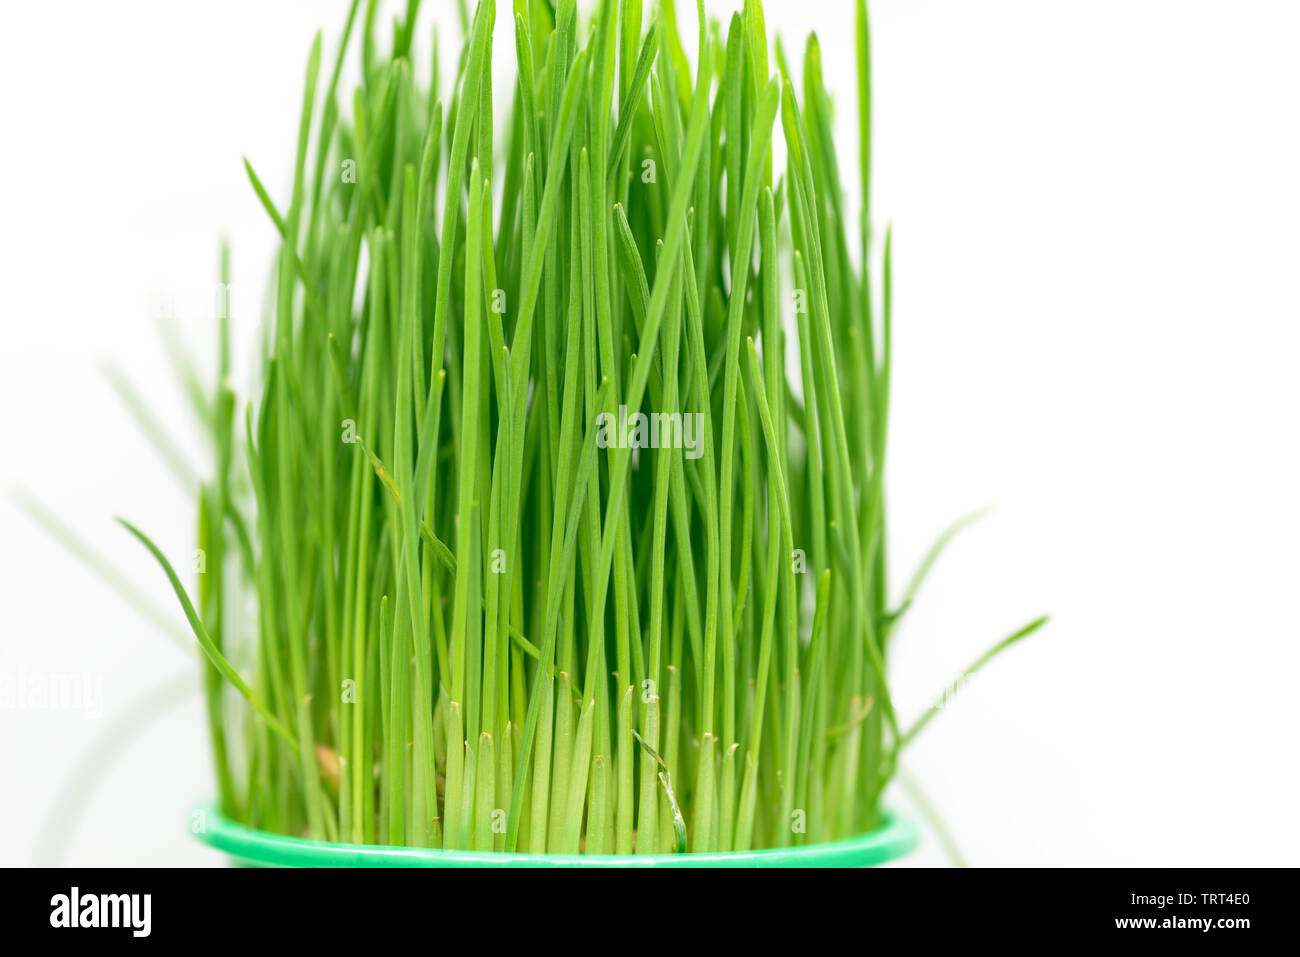 L'avoine germée herbe sur fond blanc. Photo Stock